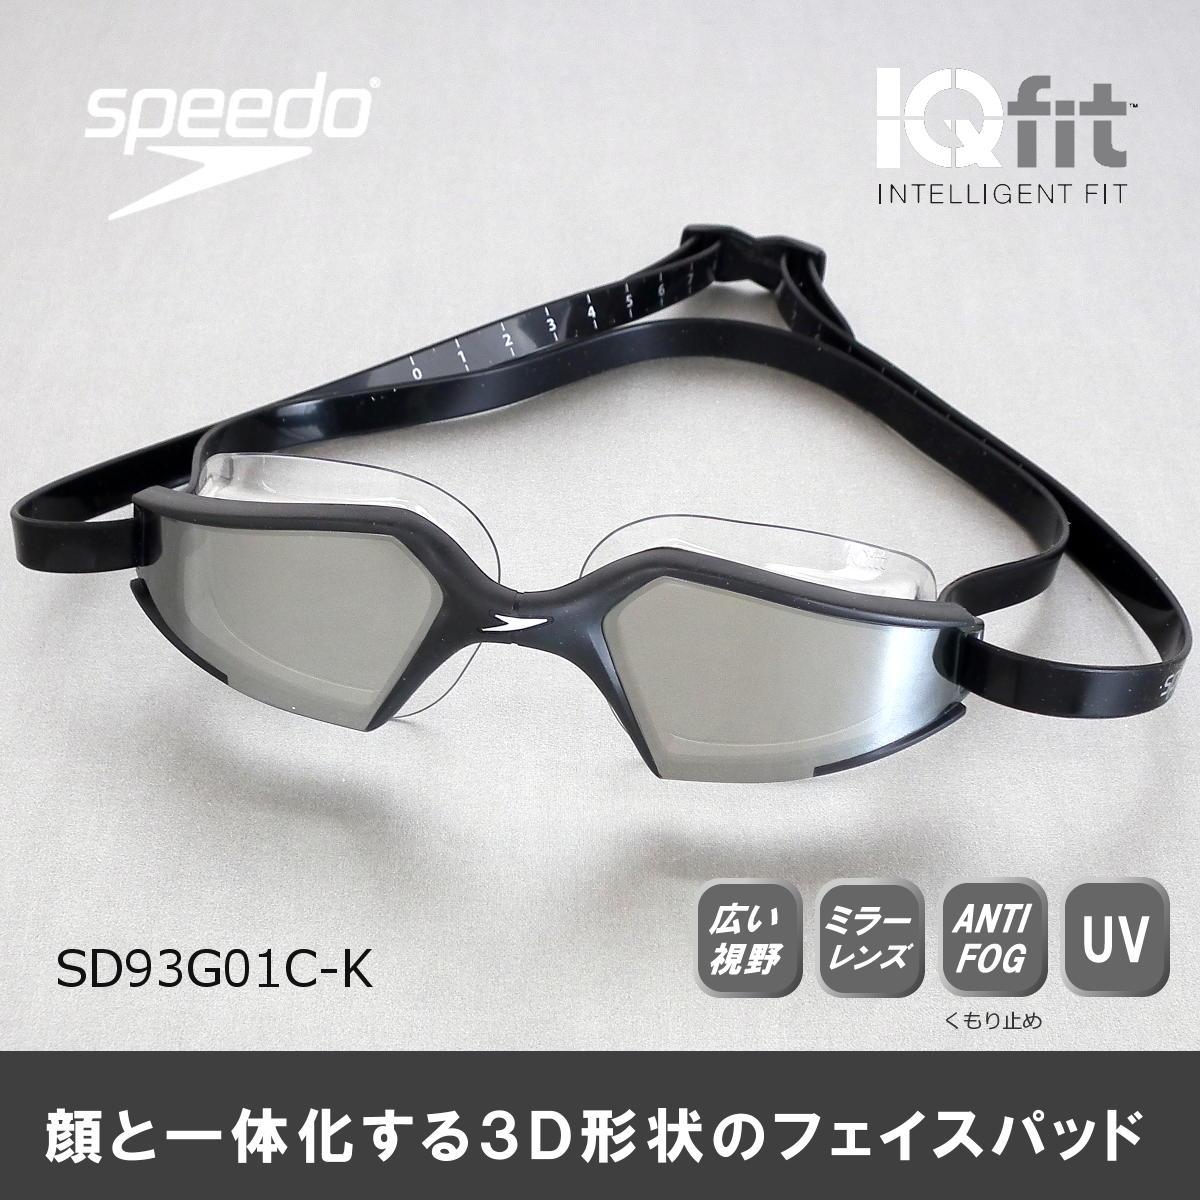 【スイムゴーグル】SPEEDO スピード クッション付き スイミングゴーグル ミラータイプ アクアパルスマックス 水泳ミラー 水泳 SD93G01C-K